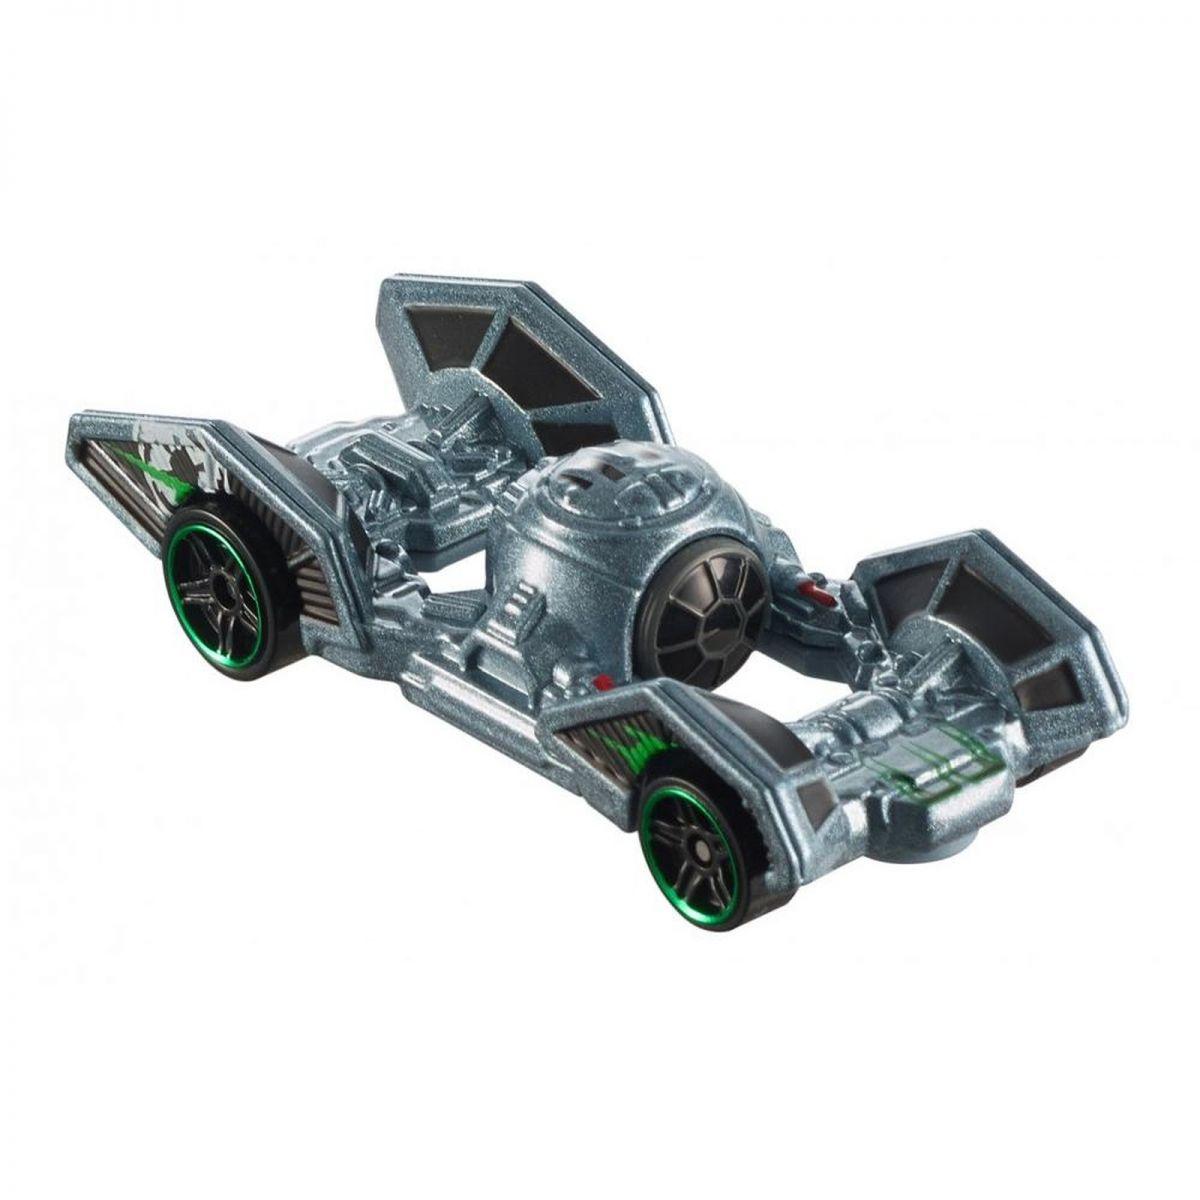 Star Wars: Tie Fighter - Hot Wheels